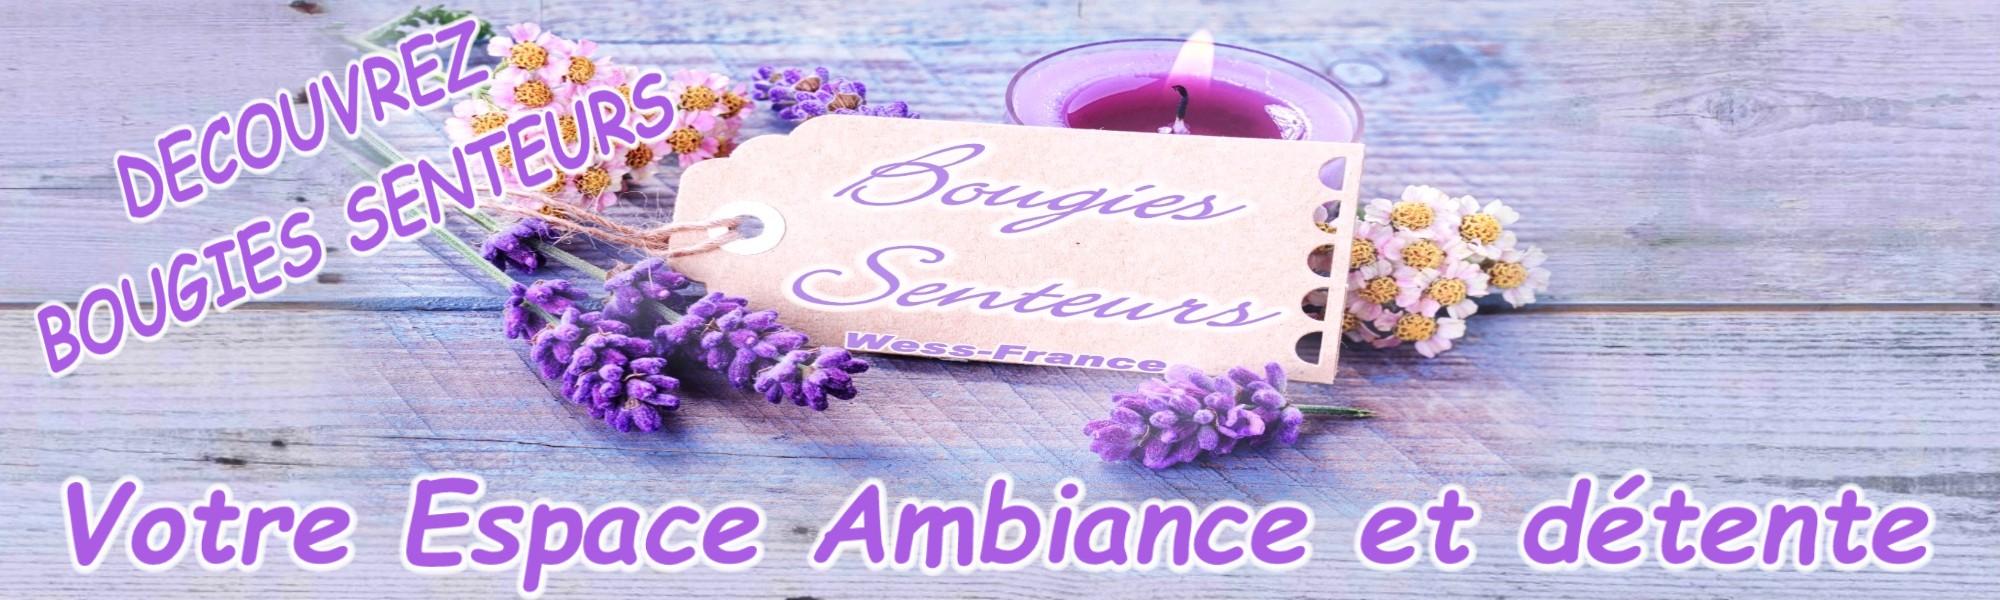 Bougies senteurs parfum d'ambiance